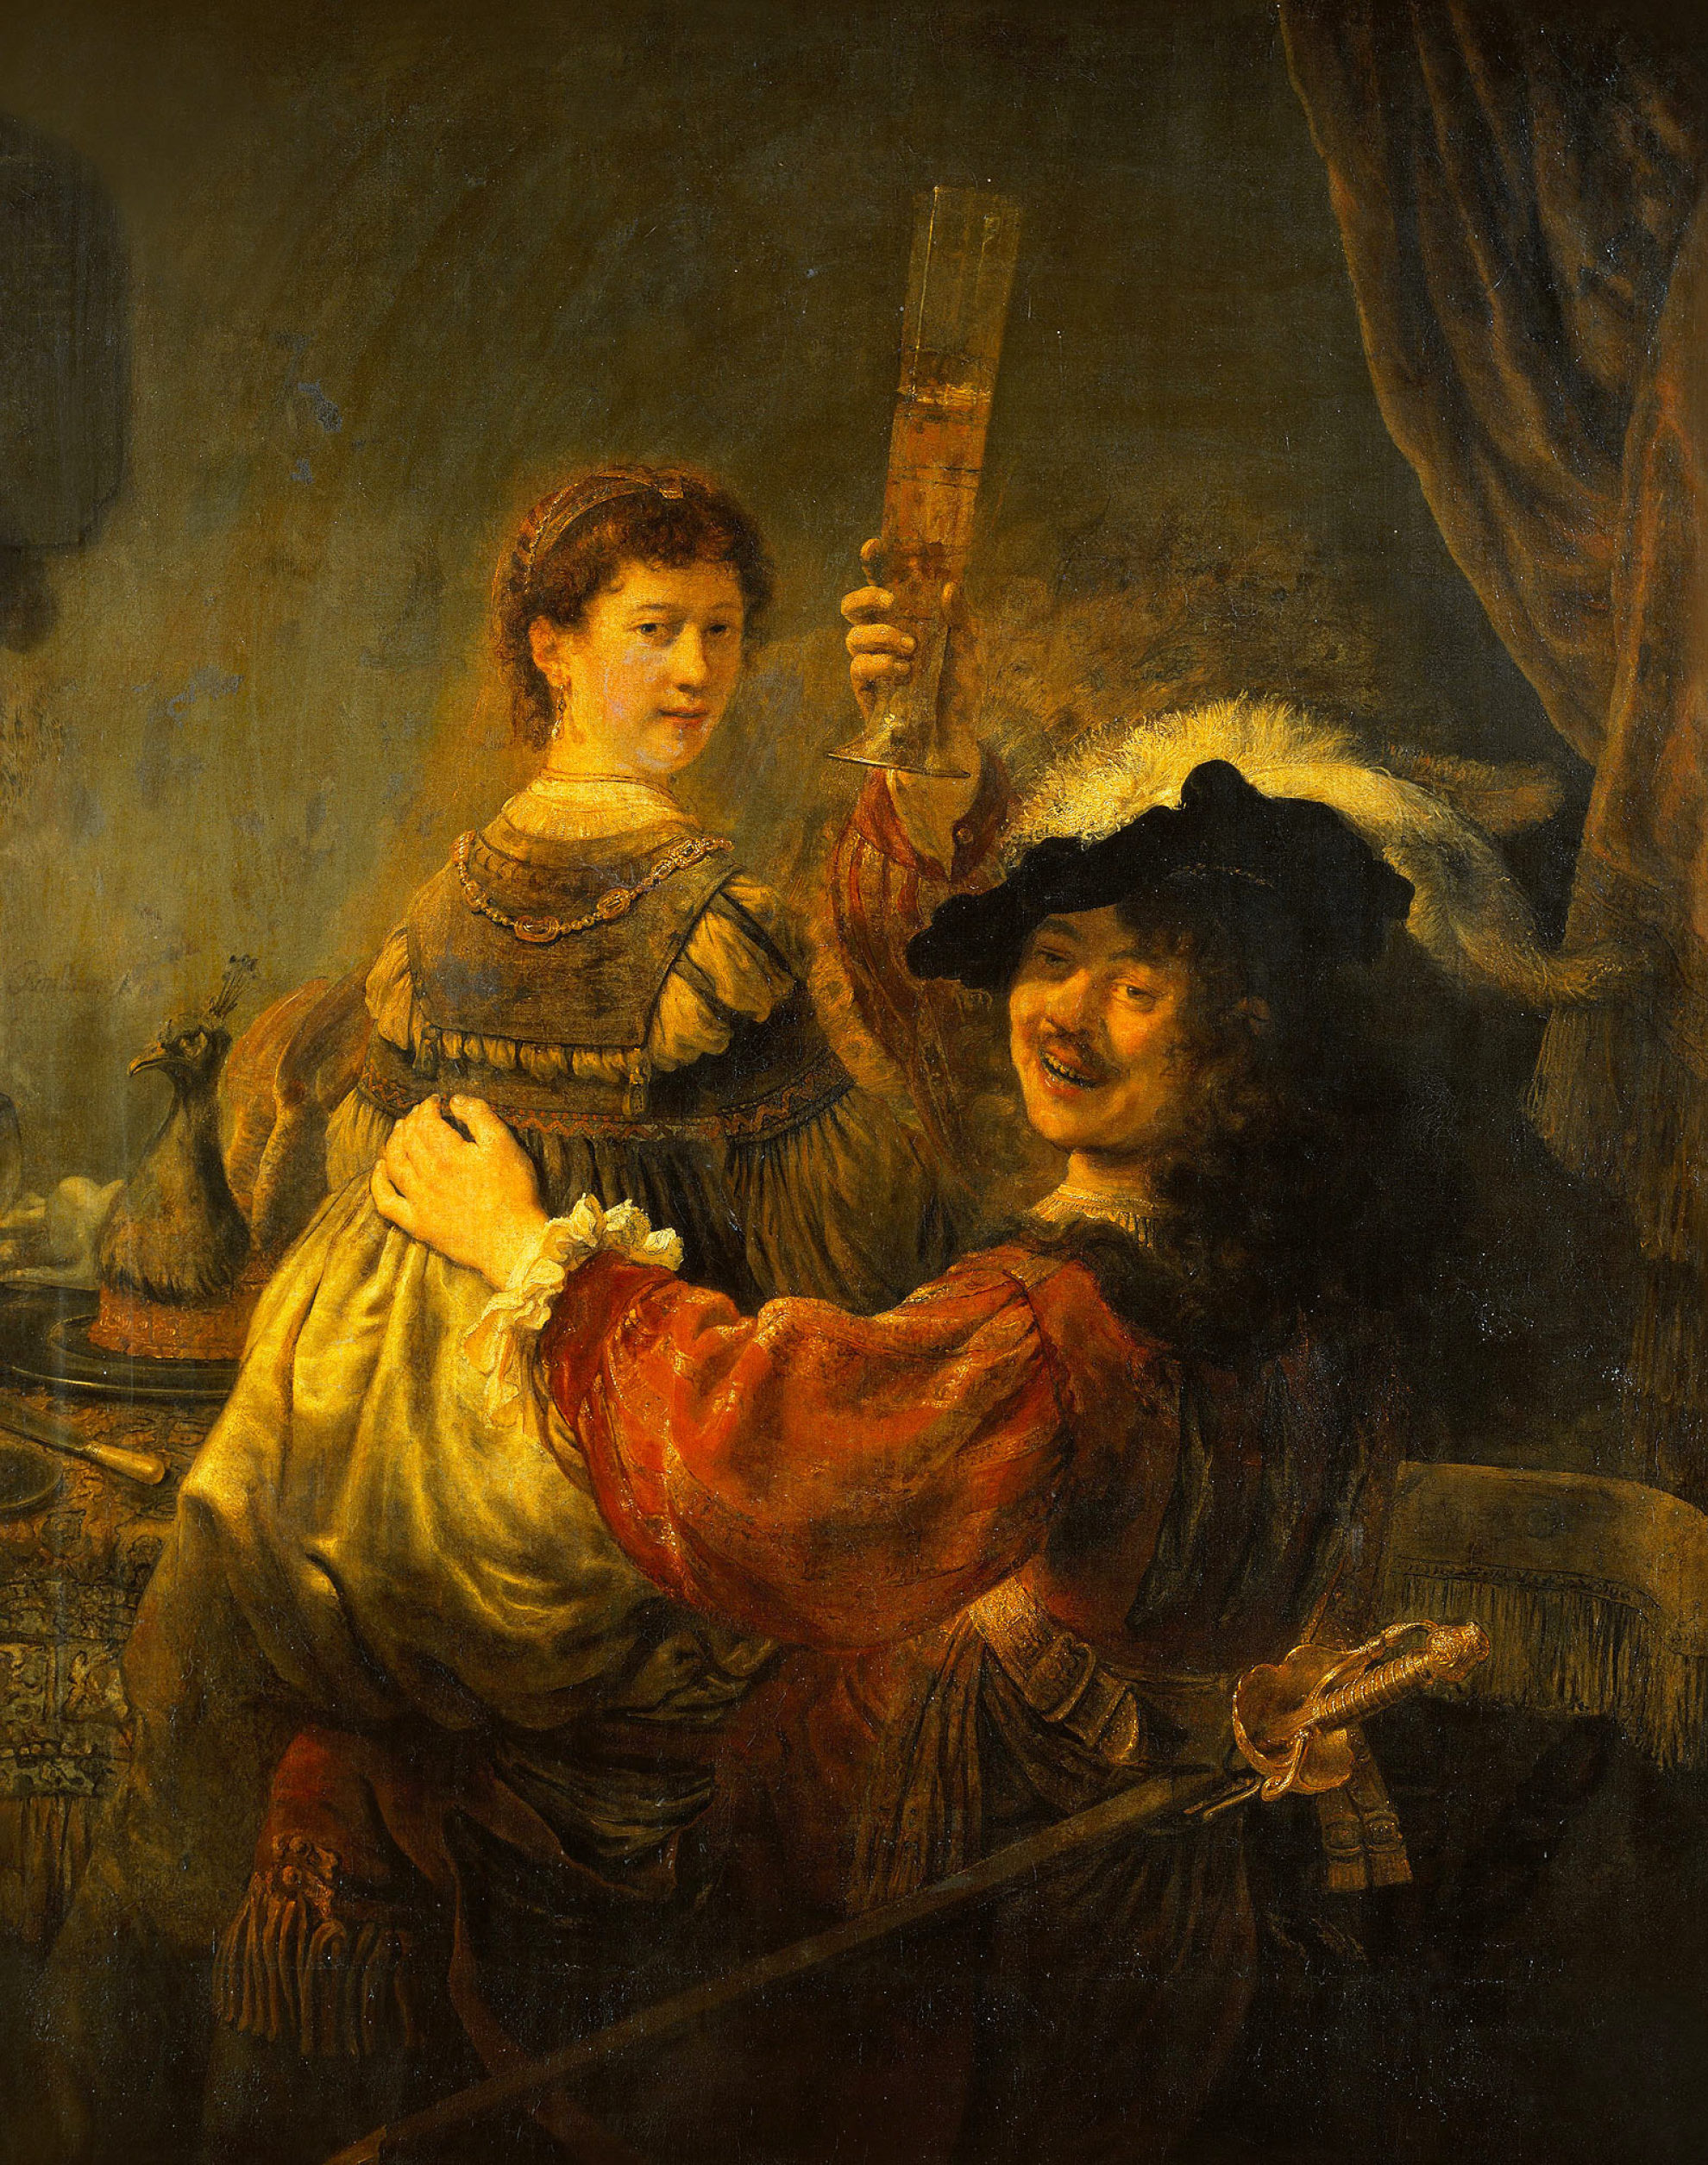 < Автопортрет с Саскией на коленях > :: Харменс ван Рейн Рембрандт - Rembrandt (Рембрандт) фото